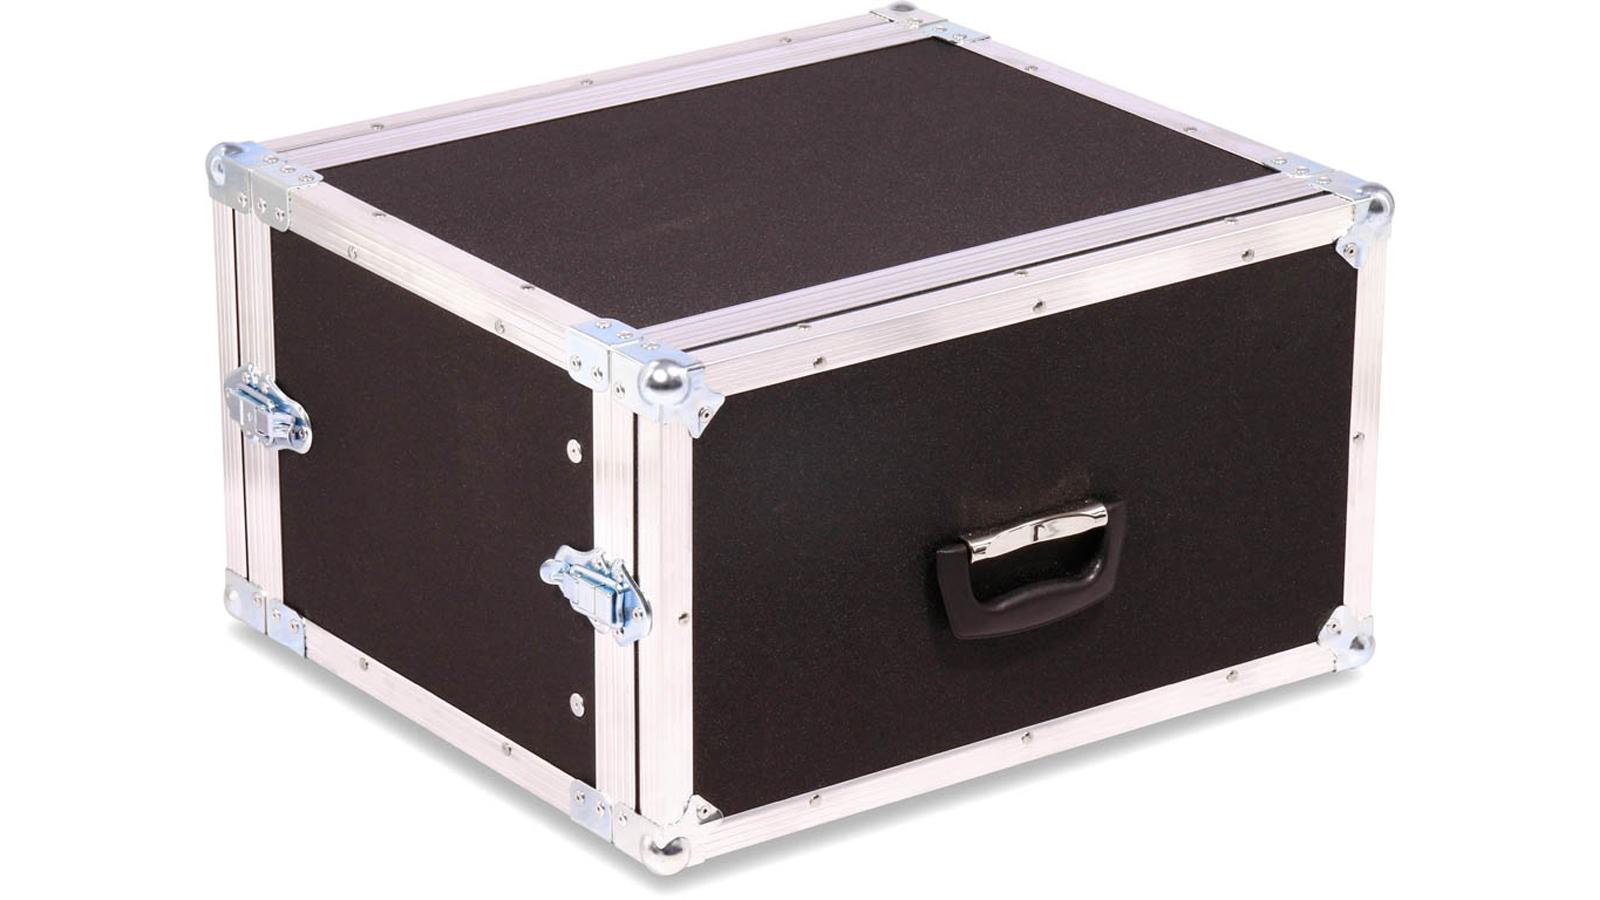 LT-Case 6 HE ECO II WK Rack 35 cm 6379